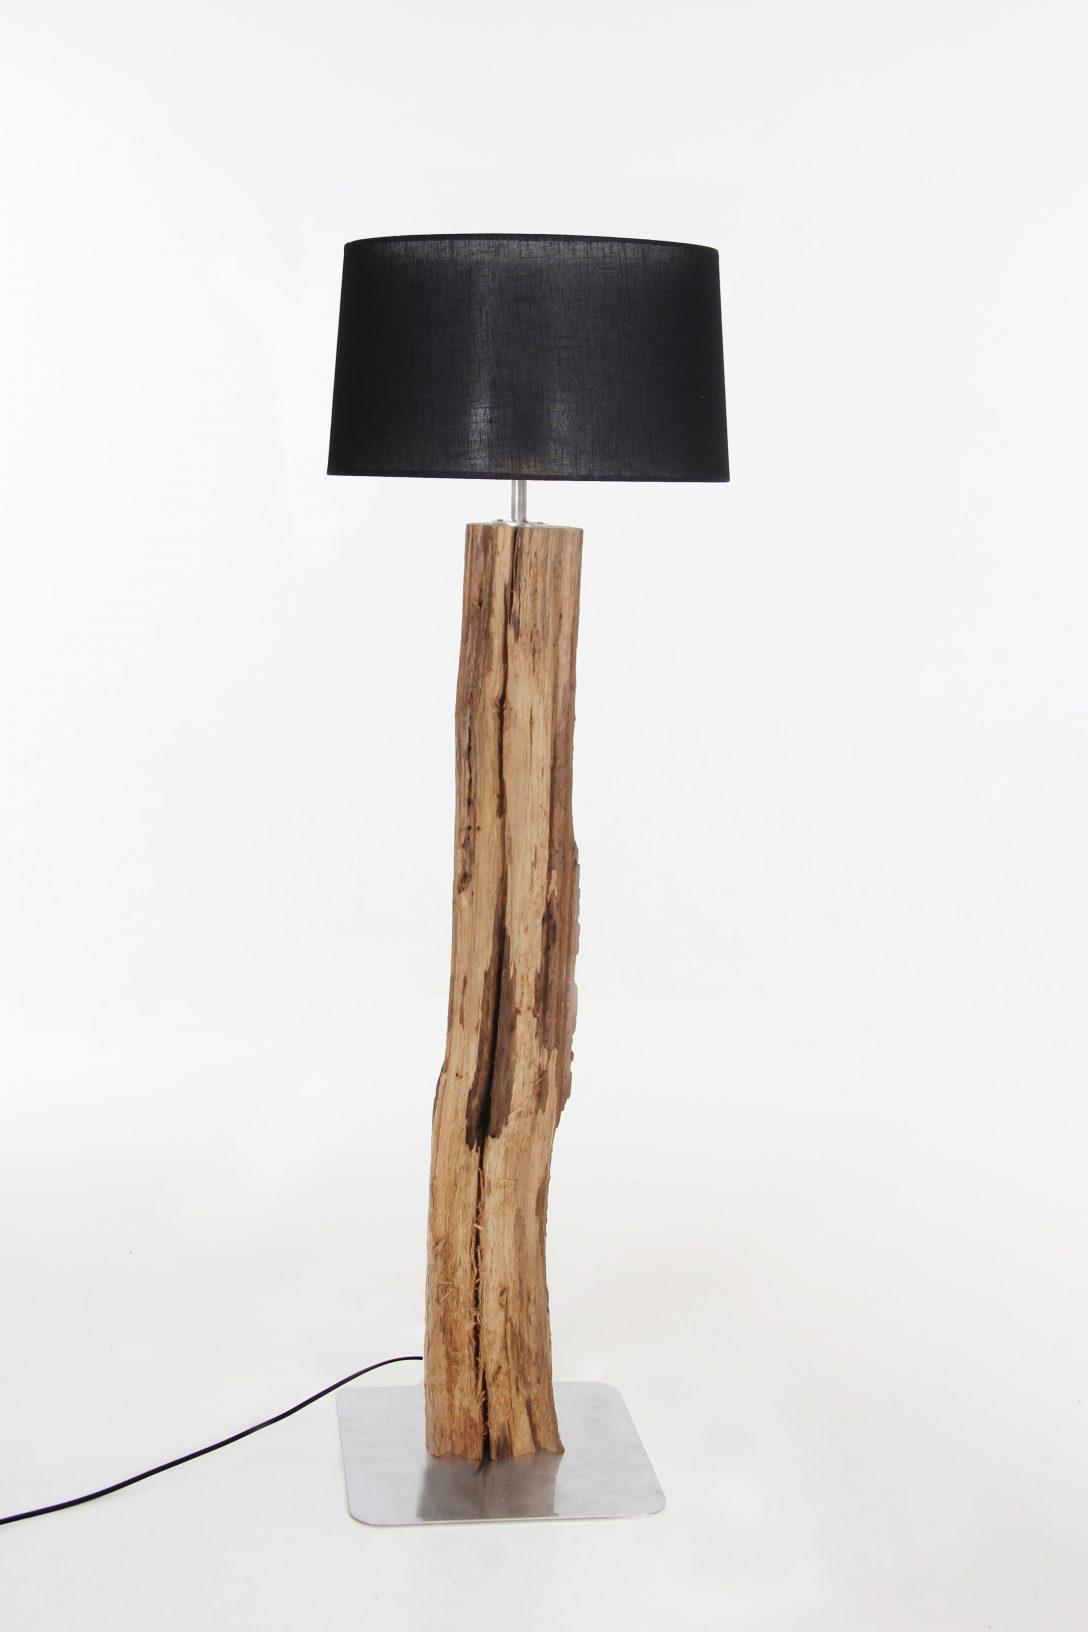 Large Size of Stehlampe Holz Schirm In Schwarz 135 Cm Detail Massivholz Betten Bett Schlafzimmer Regal Naturholz Esstisch Sichtschutz Garten Cd Küche Modern Stehlampen Wohnzimmer Stehlampe Holz